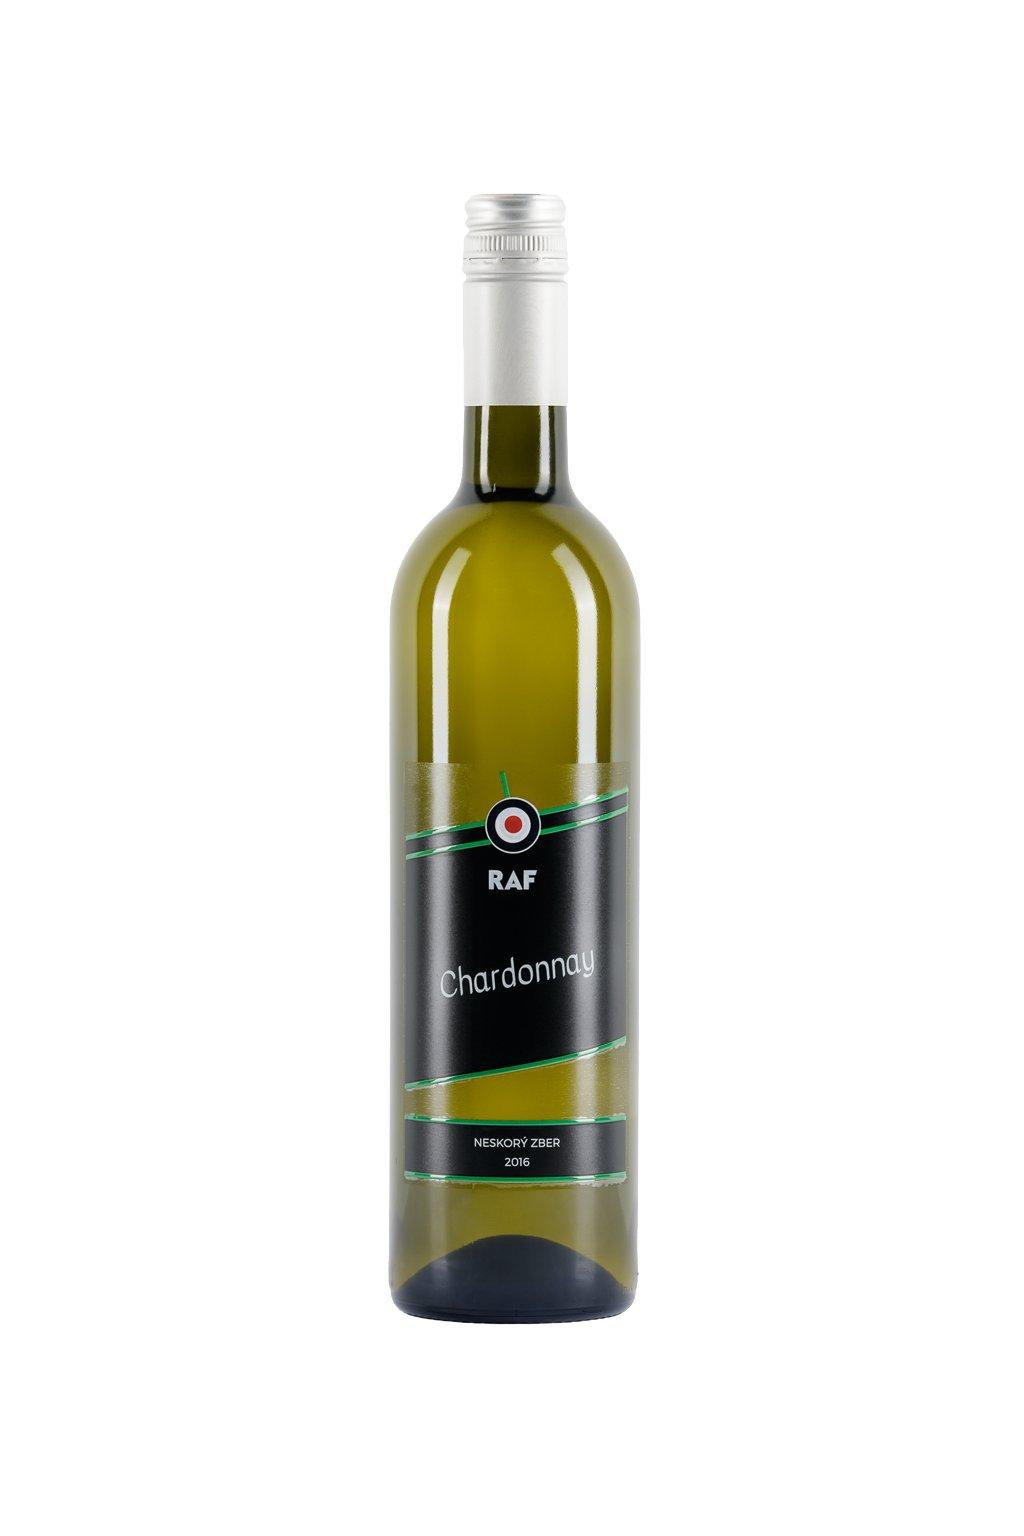 Chardonnay 2016 opraveno